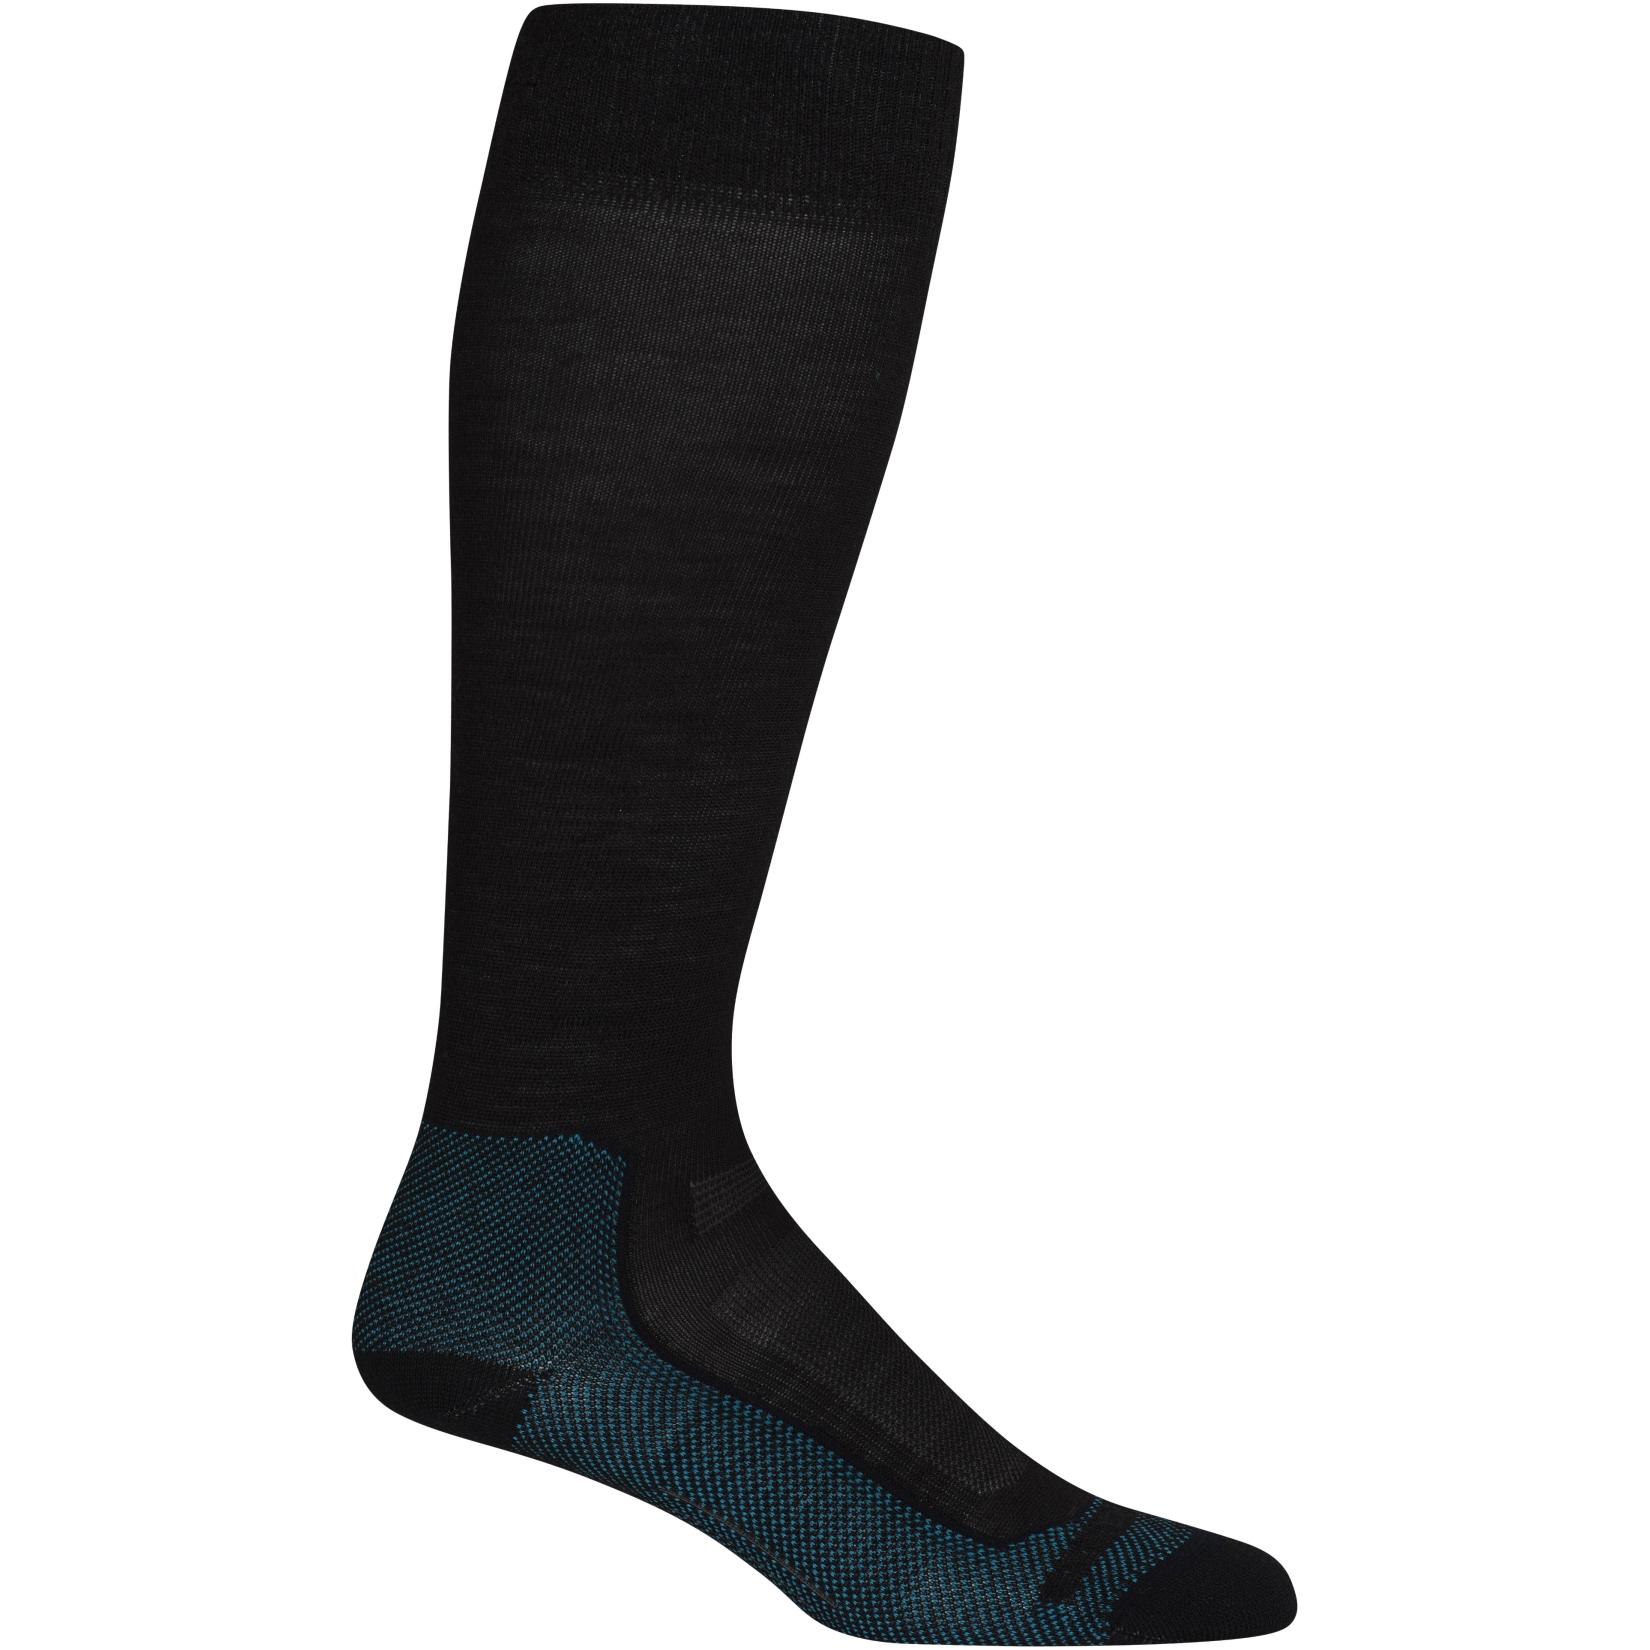 Icebreaker Ski+ Ultralight OTC Damen Socken - Jet Hthr/Artic Teal/Black